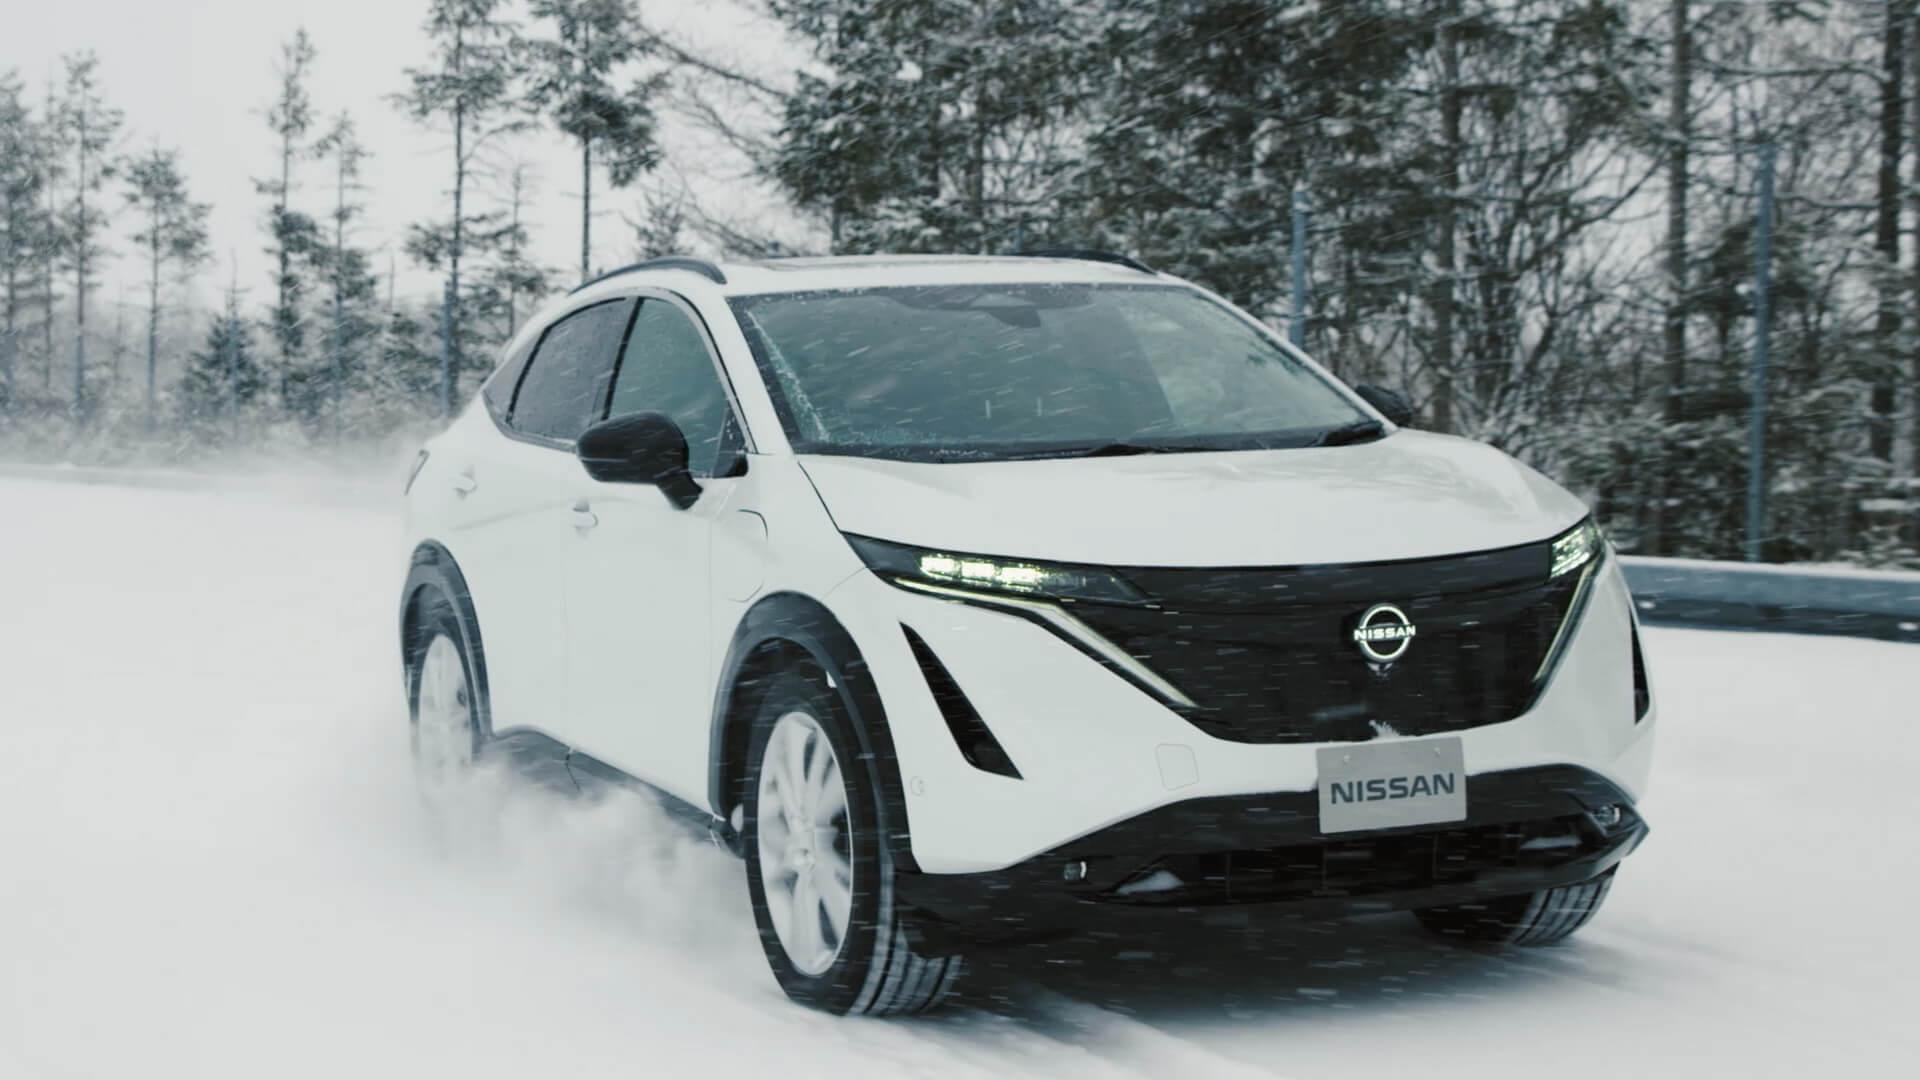 Nissan Ariya успешно прошел серию серьезных испытаний, в результате которых автомобиль обладает сбалансированной управляемостью